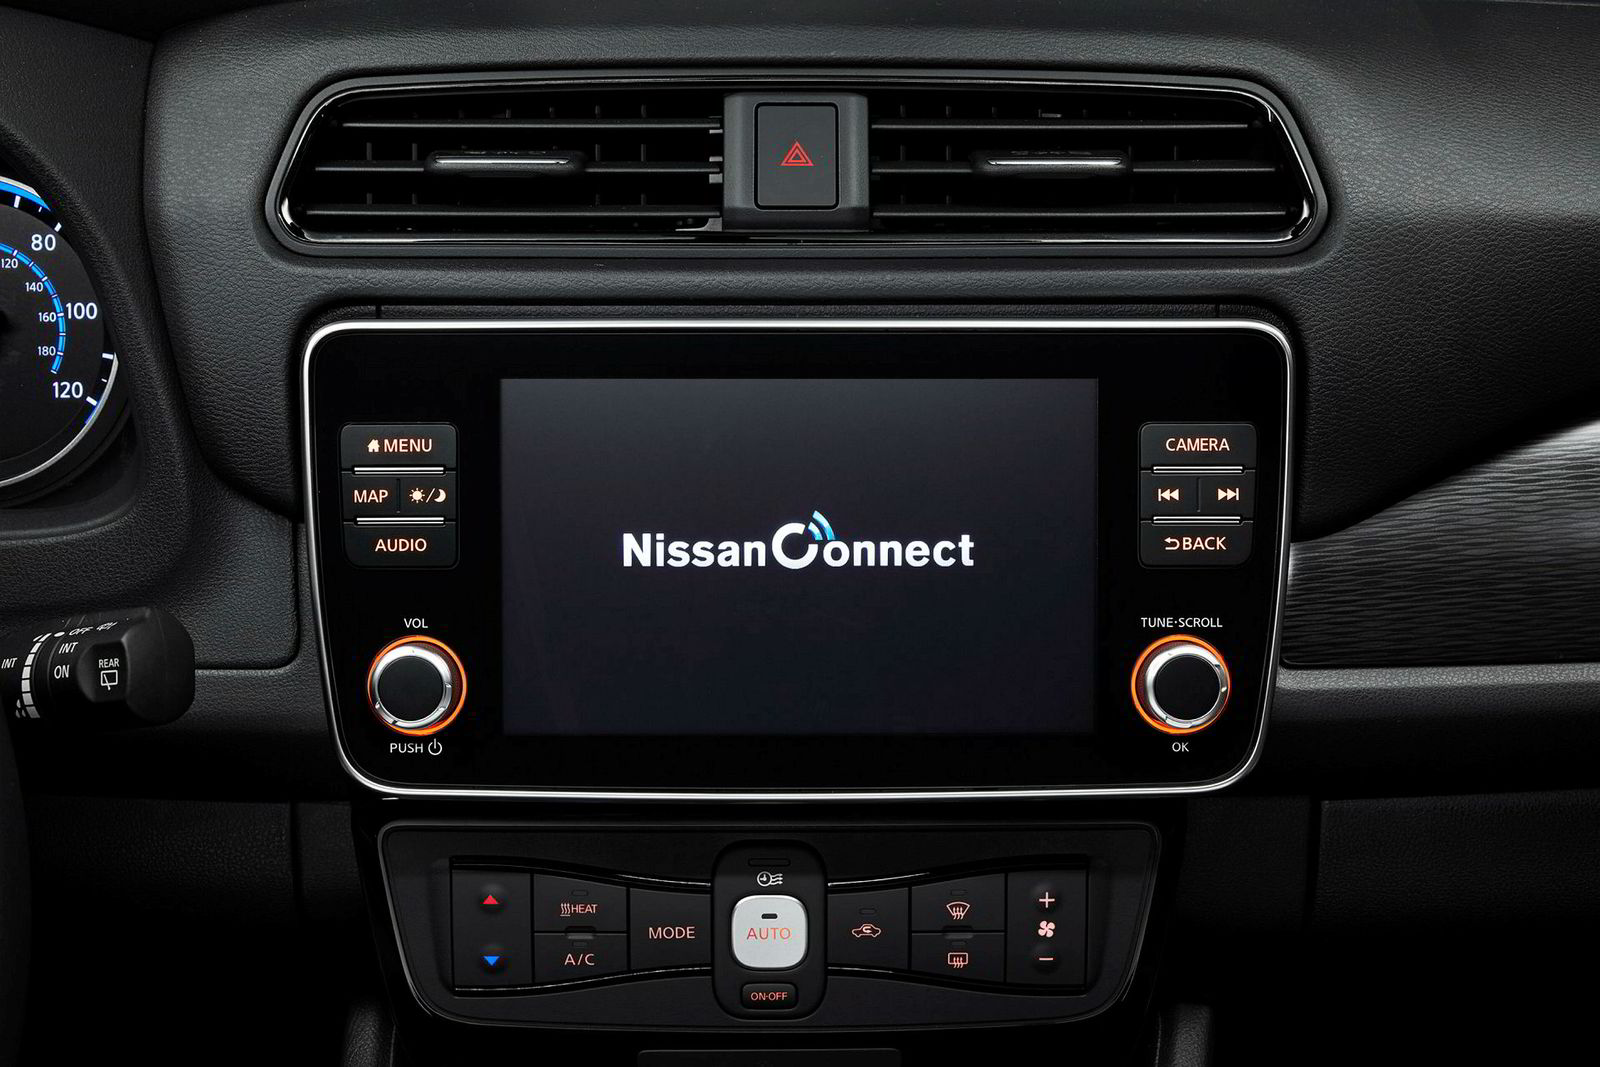 Innvendig får bilen en ny og større skjerm, men oppdatert programvare.